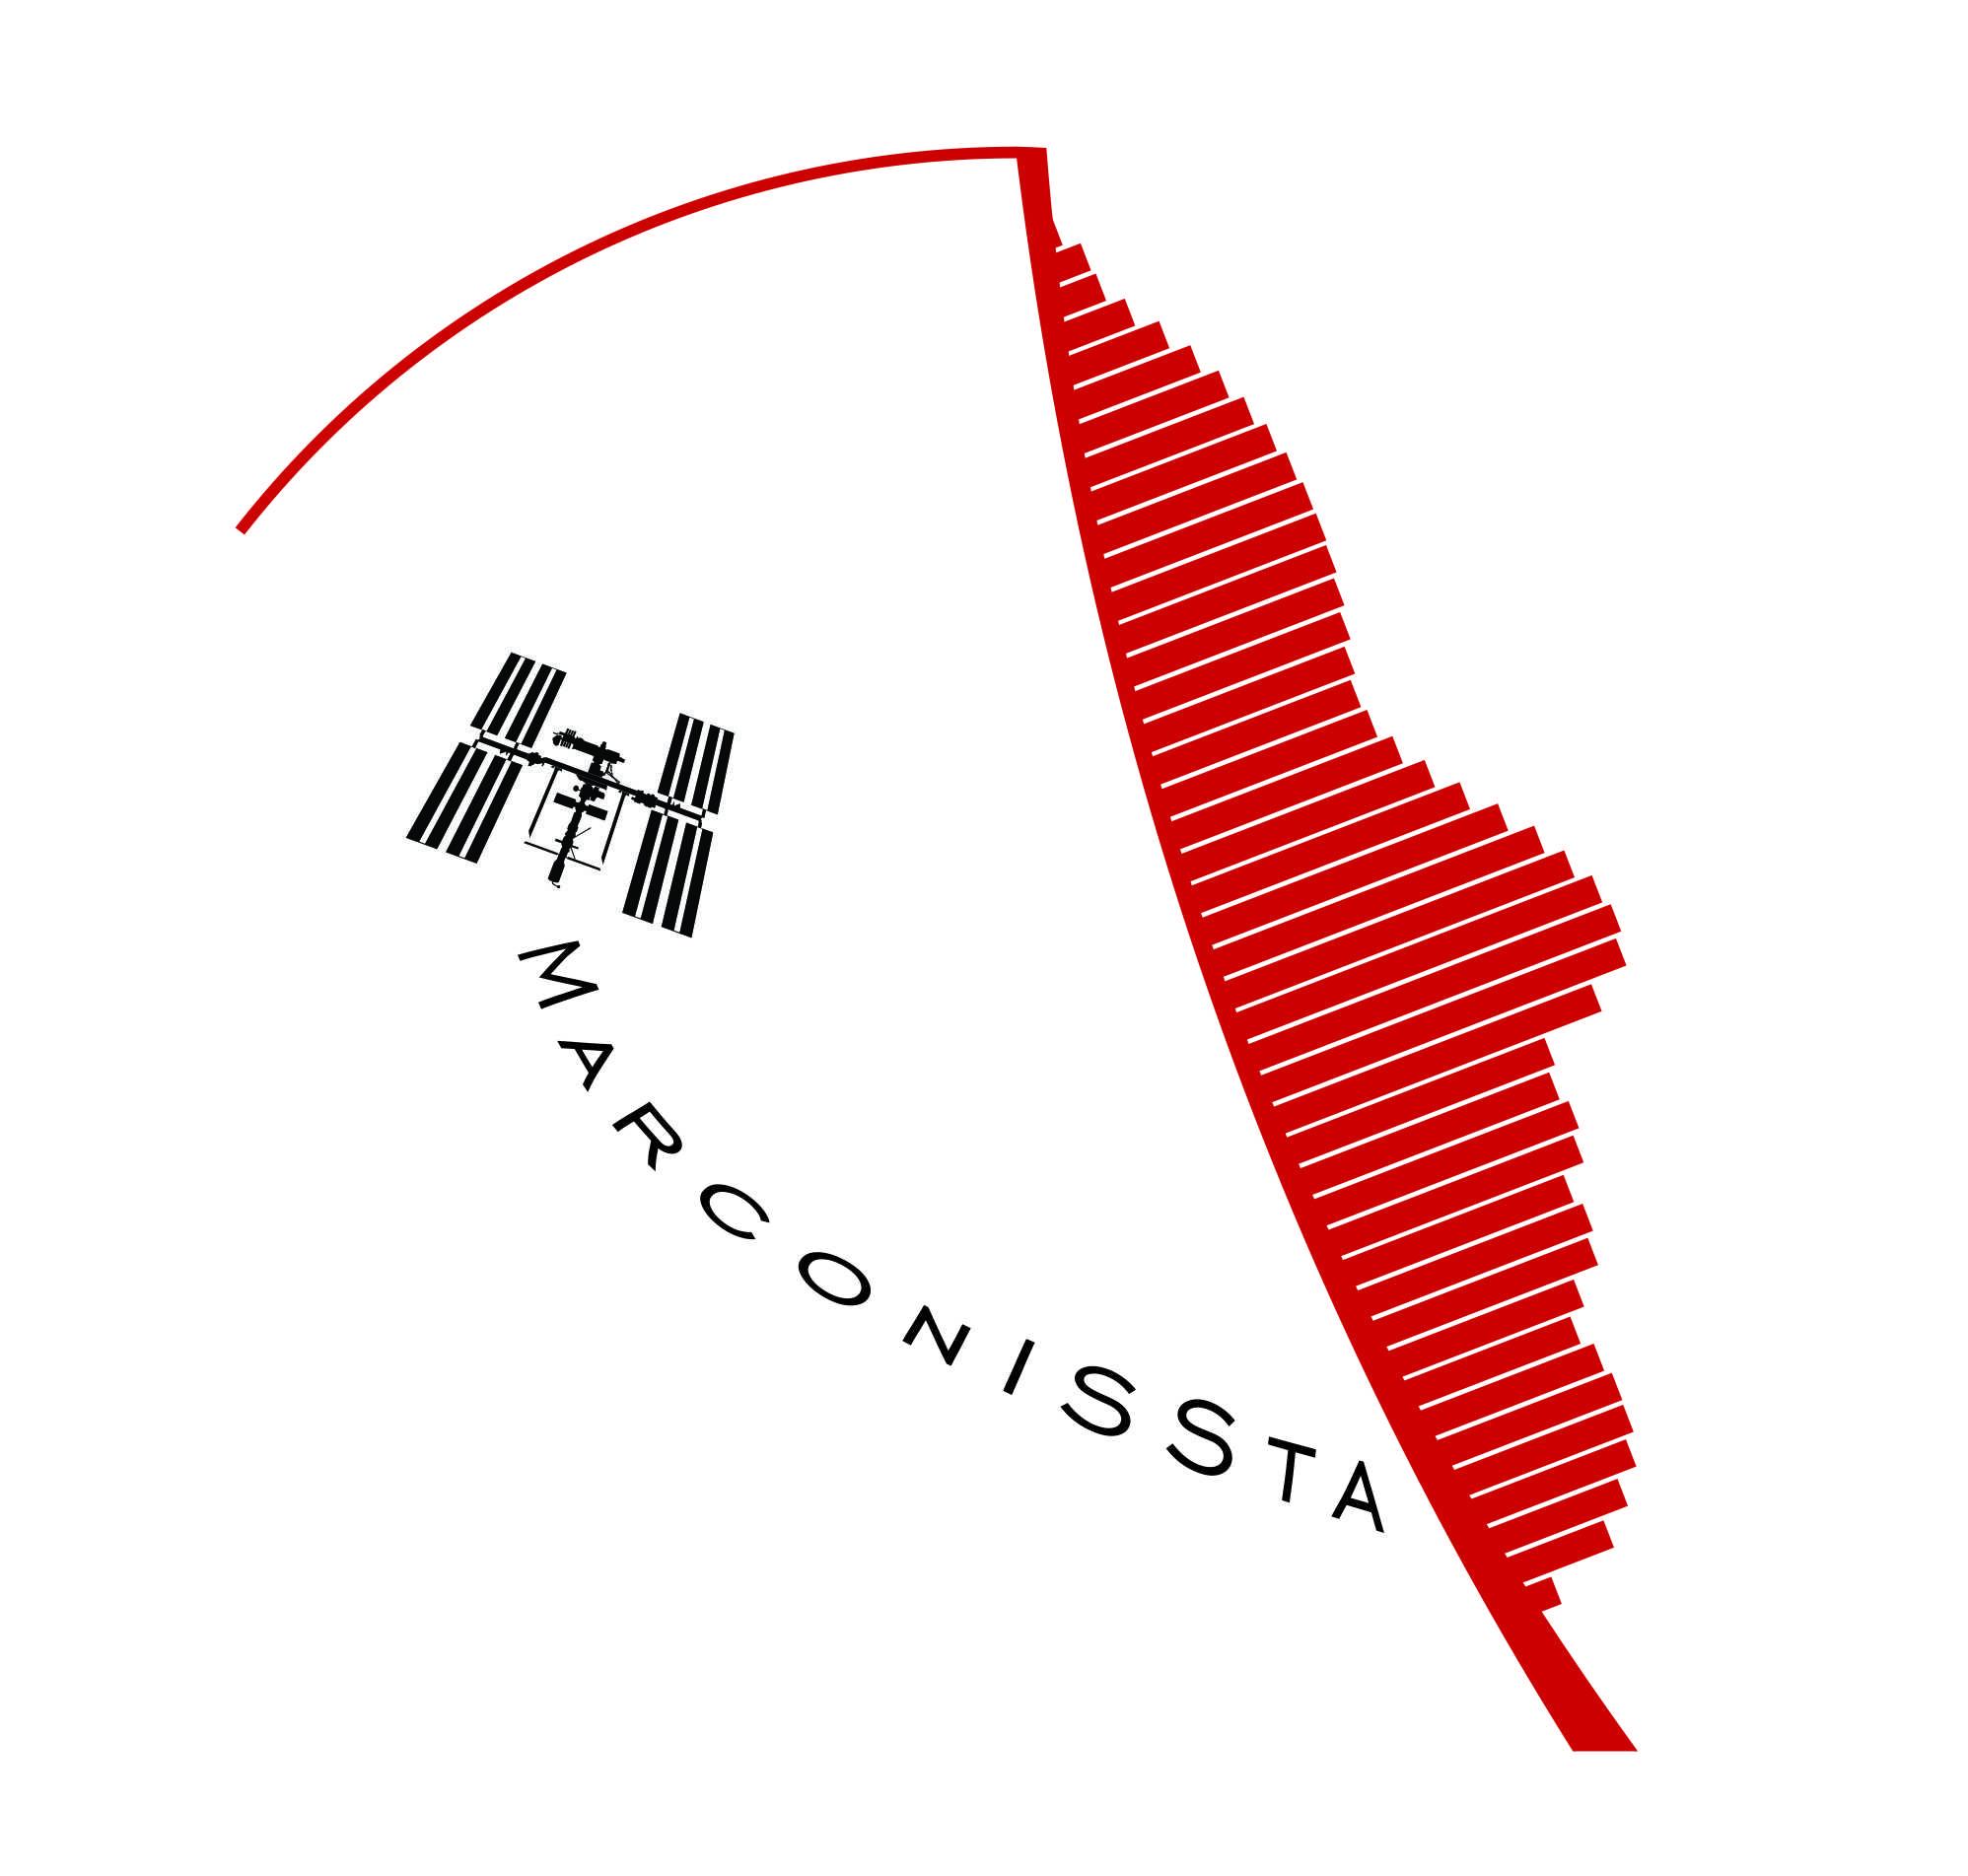 MarconISSta